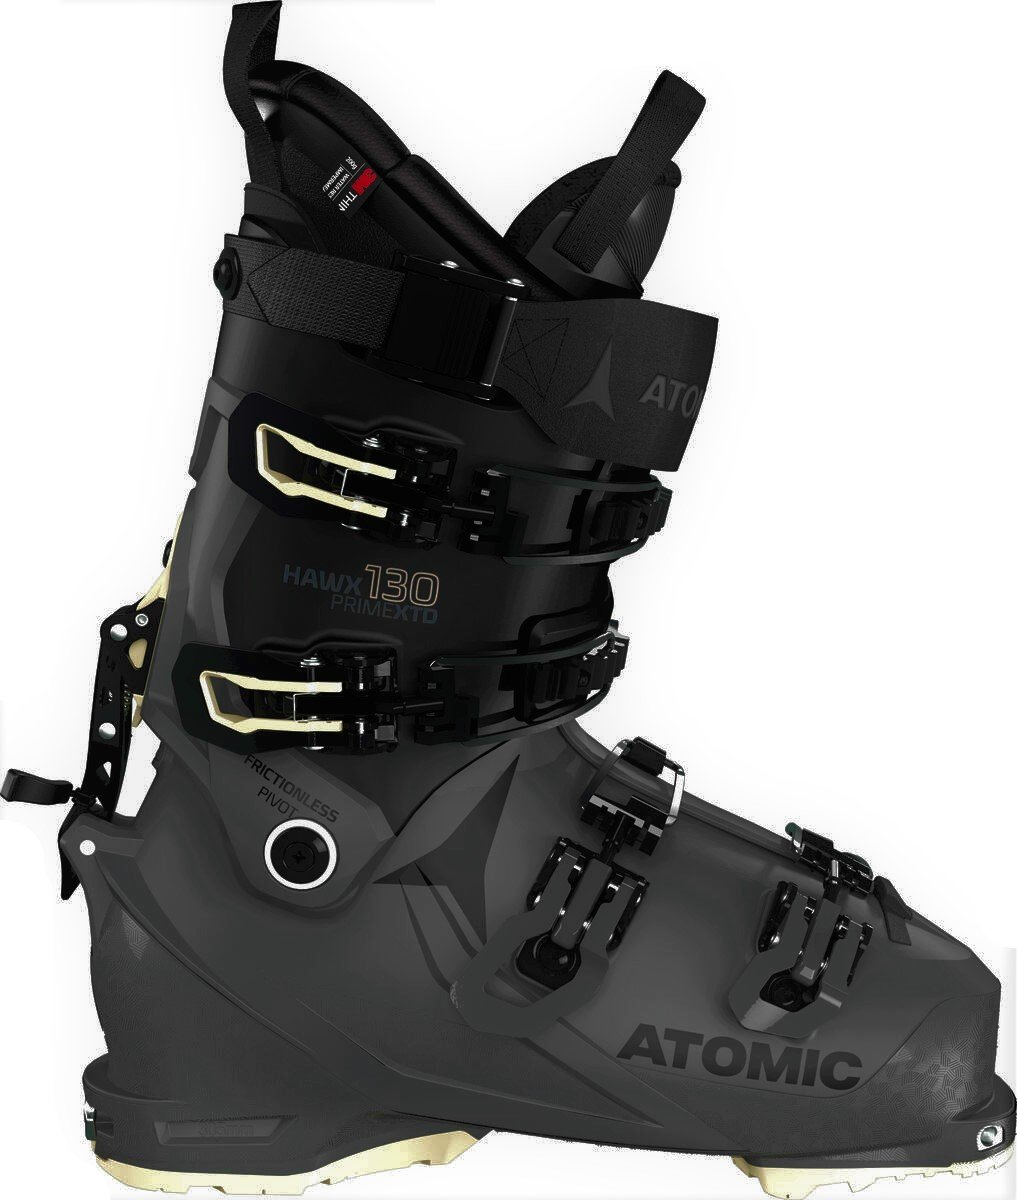 Atomic Hawx Prime XTD 130 Tech GW 27 cm